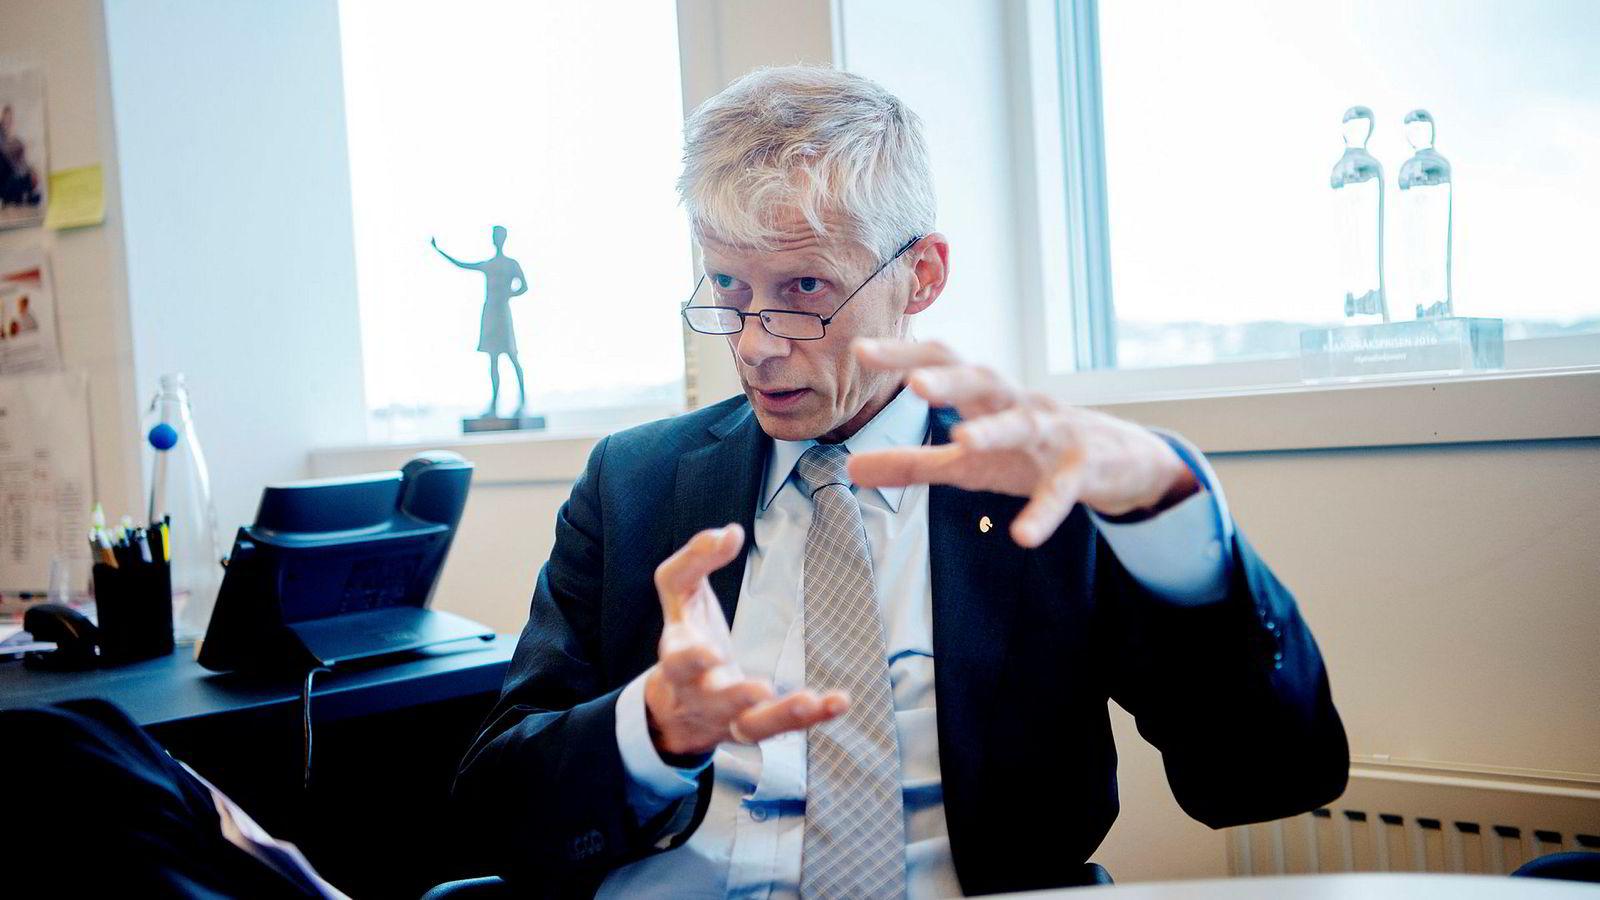 – Det er et område hvor etterlevelsen er relativt lav, sier Skattedirektør Hans Christian Holte om andelen nordmenn som har rapportert inn sin kryptoformue.